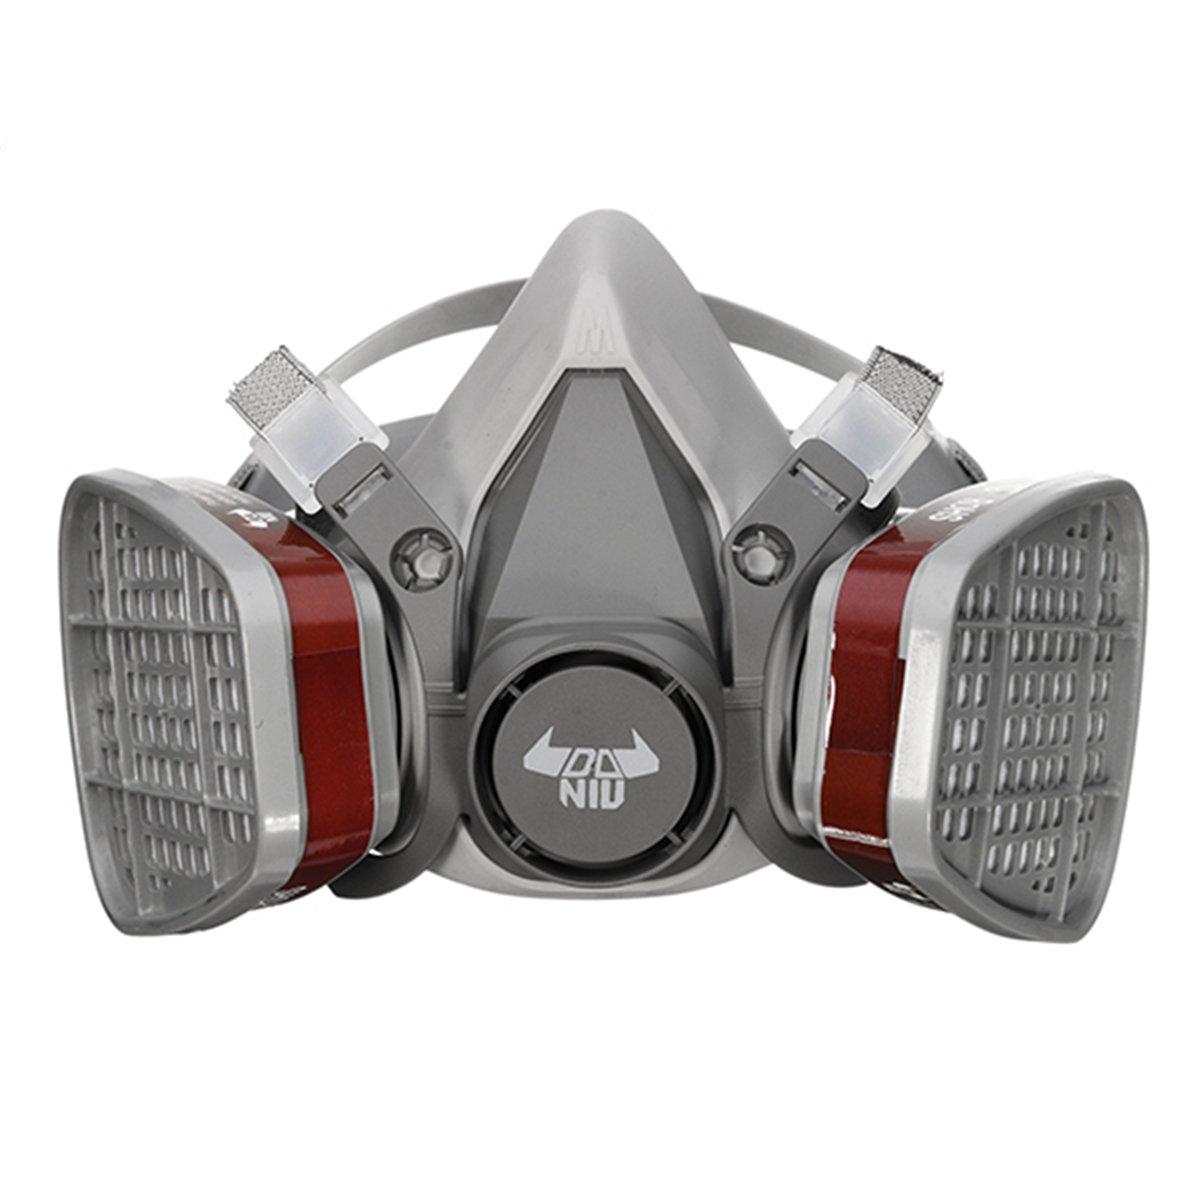 Respirador, DANIU Semimáscara Antigas Máscara para Pintura en Aerosol, Polvo, Productos Químicos, Lijado a Máquina, Formaldehído, Protección con Filtros ...